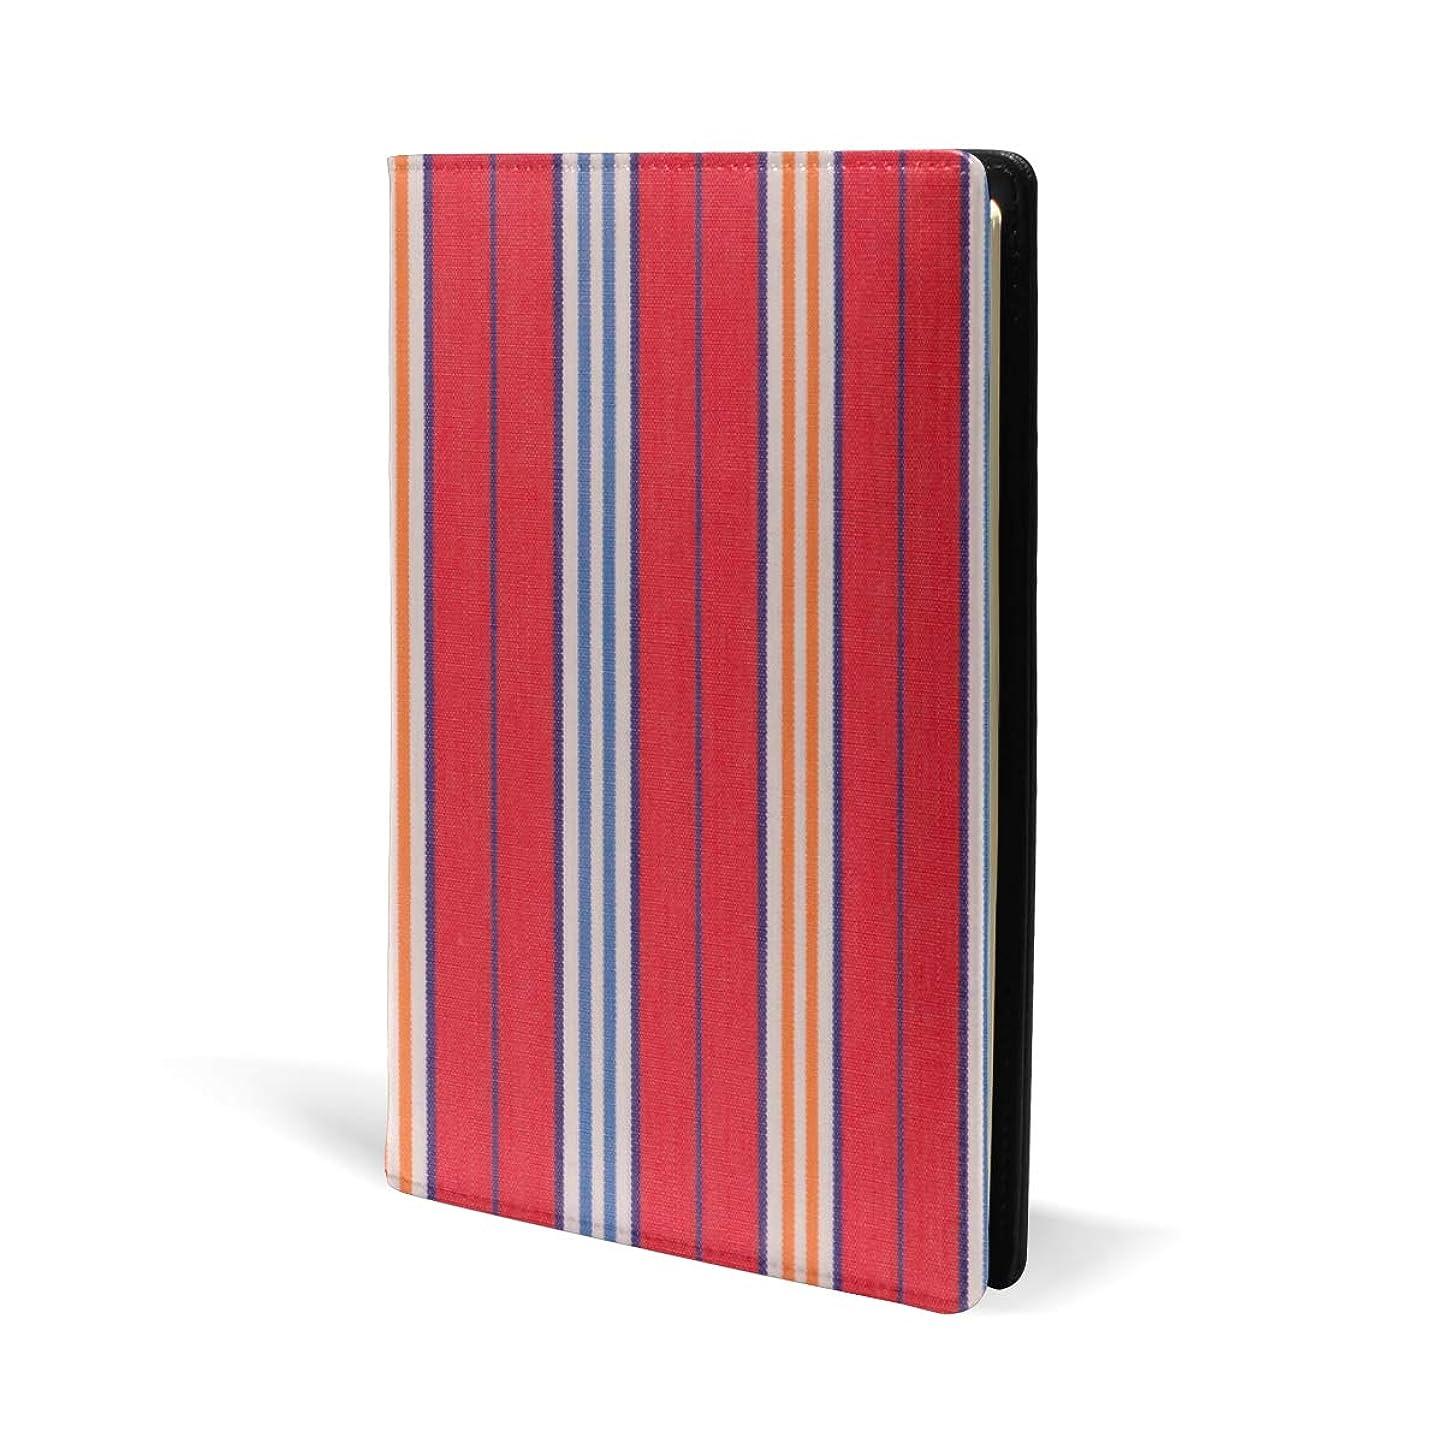 助手原因ヘルメットブックカバー a5 ストライプ きれい 赤い 文庫 PUレザー ファイル オフィス用品 読書 文庫判 資料 日記 収納入れ 高級感 耐久性 雑貨 プレゼント 機能性 耐久性 軽量